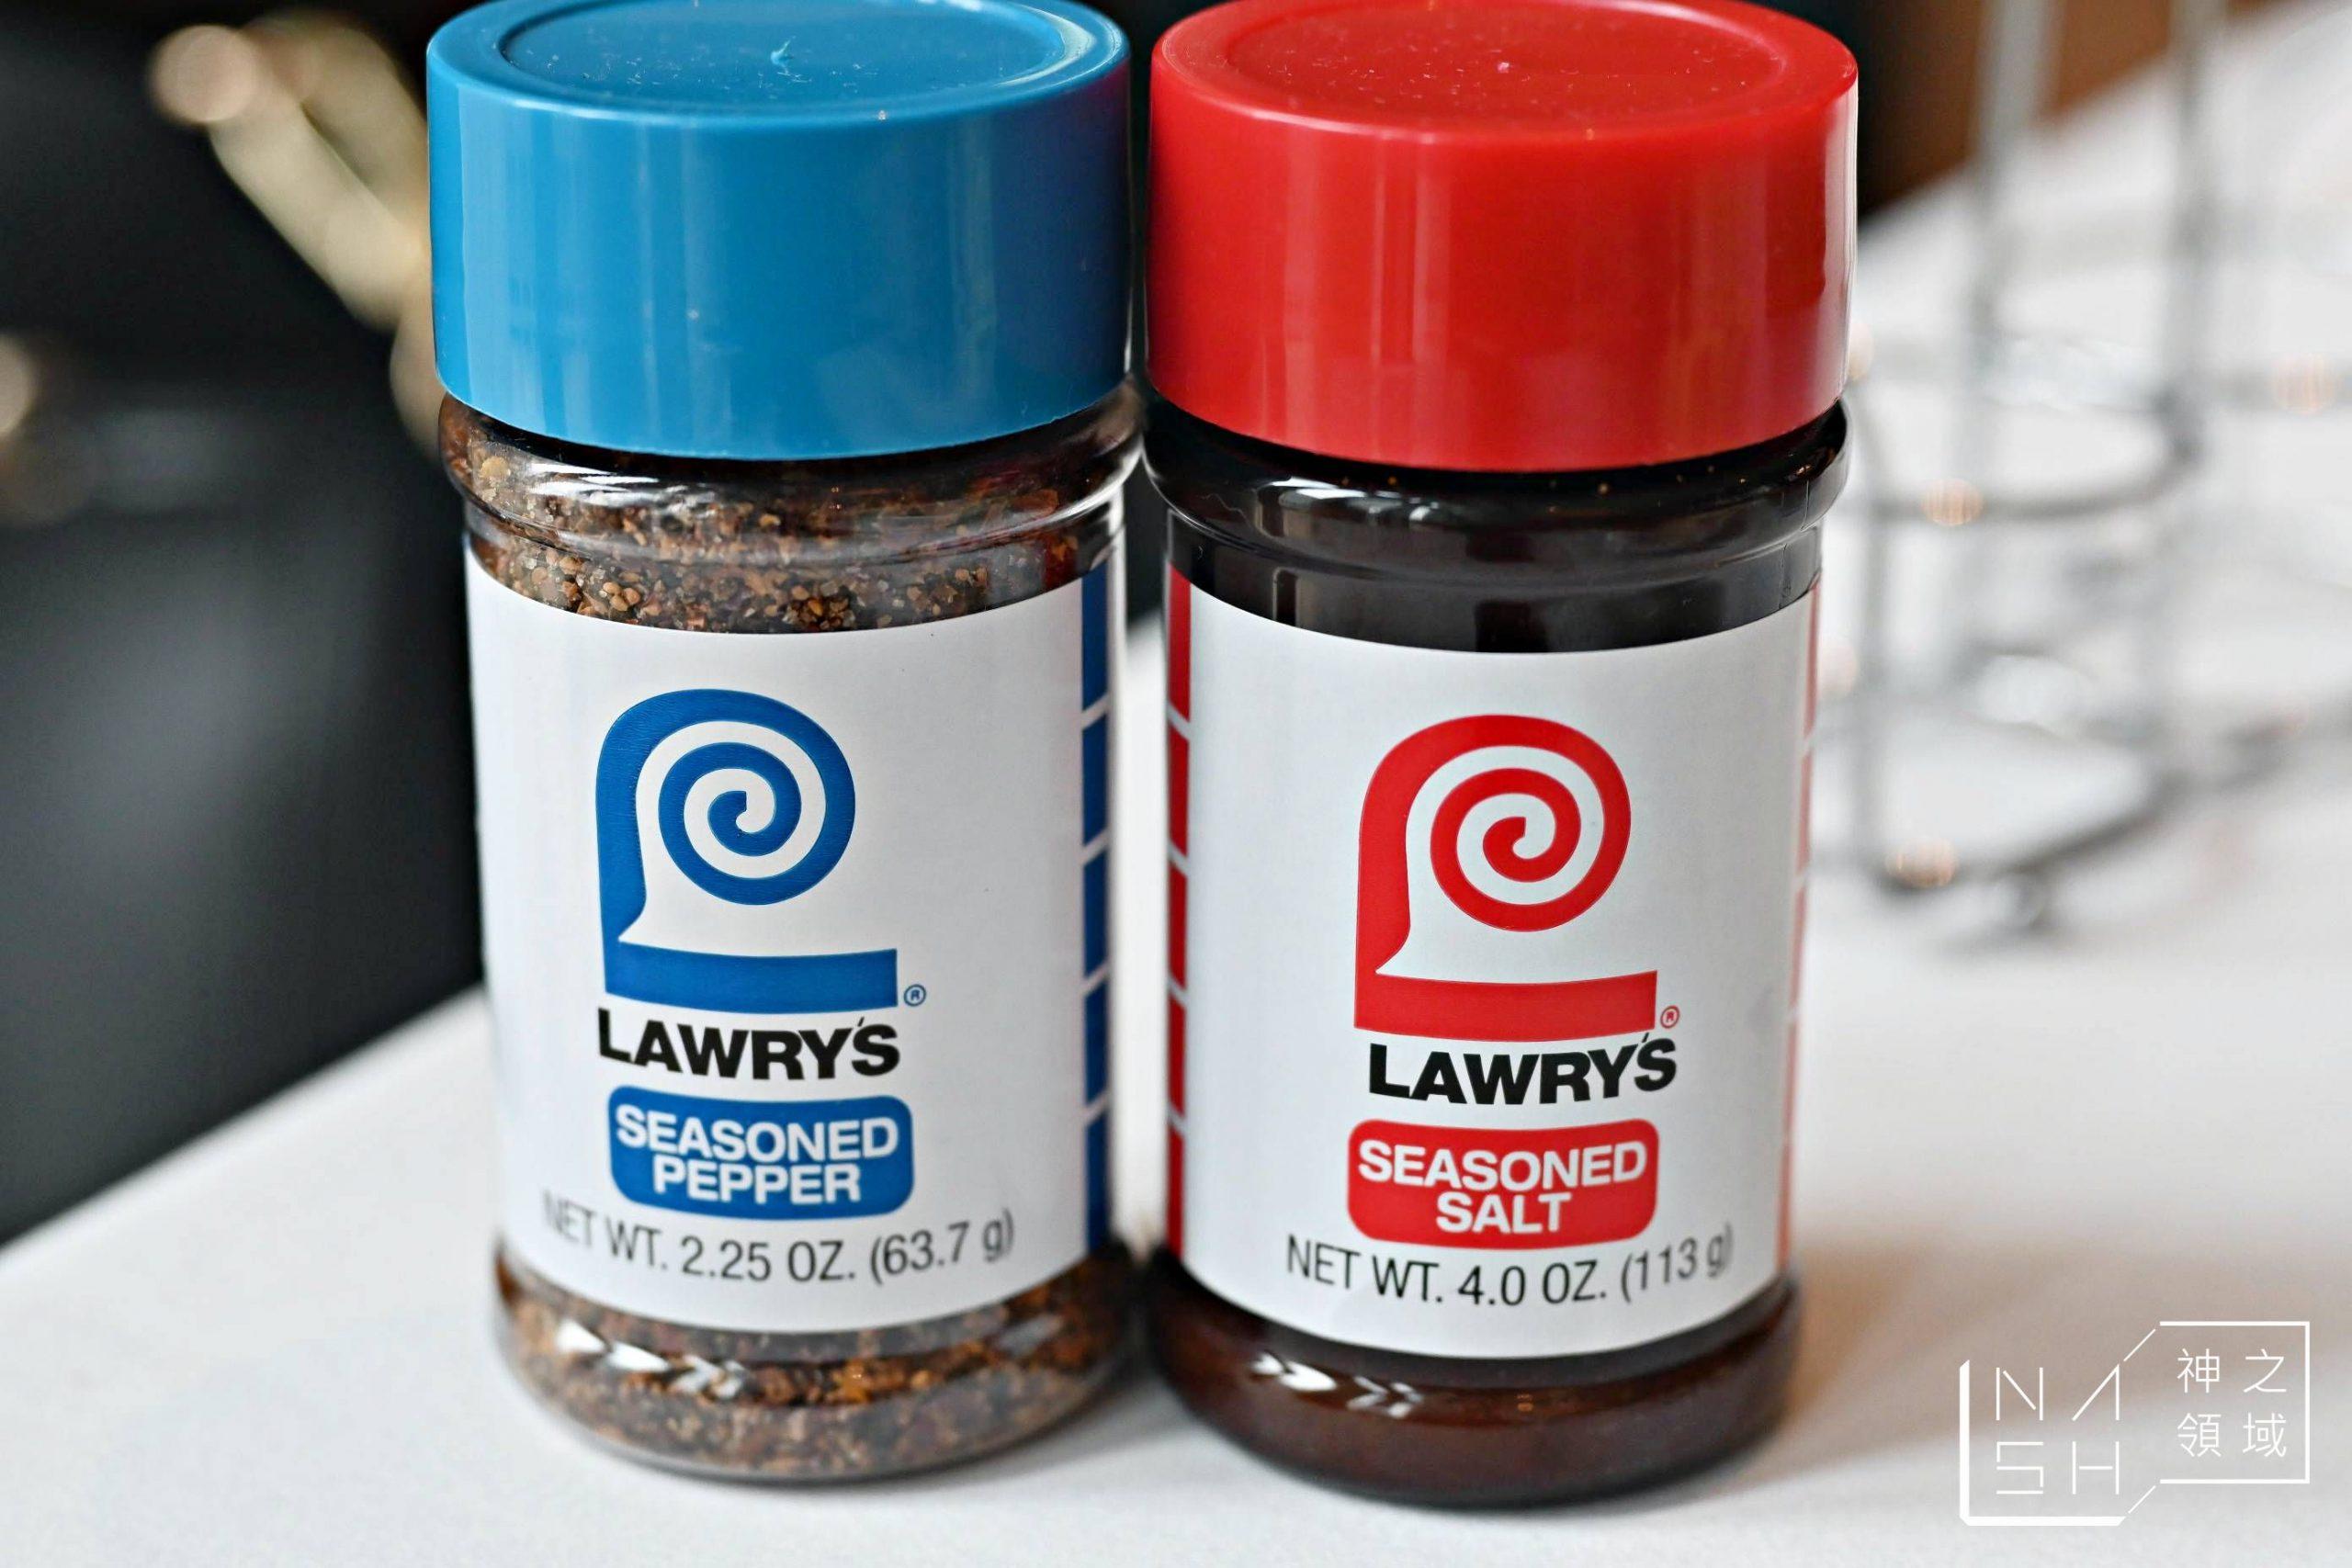 Lawry's 勞瑞斯牛排